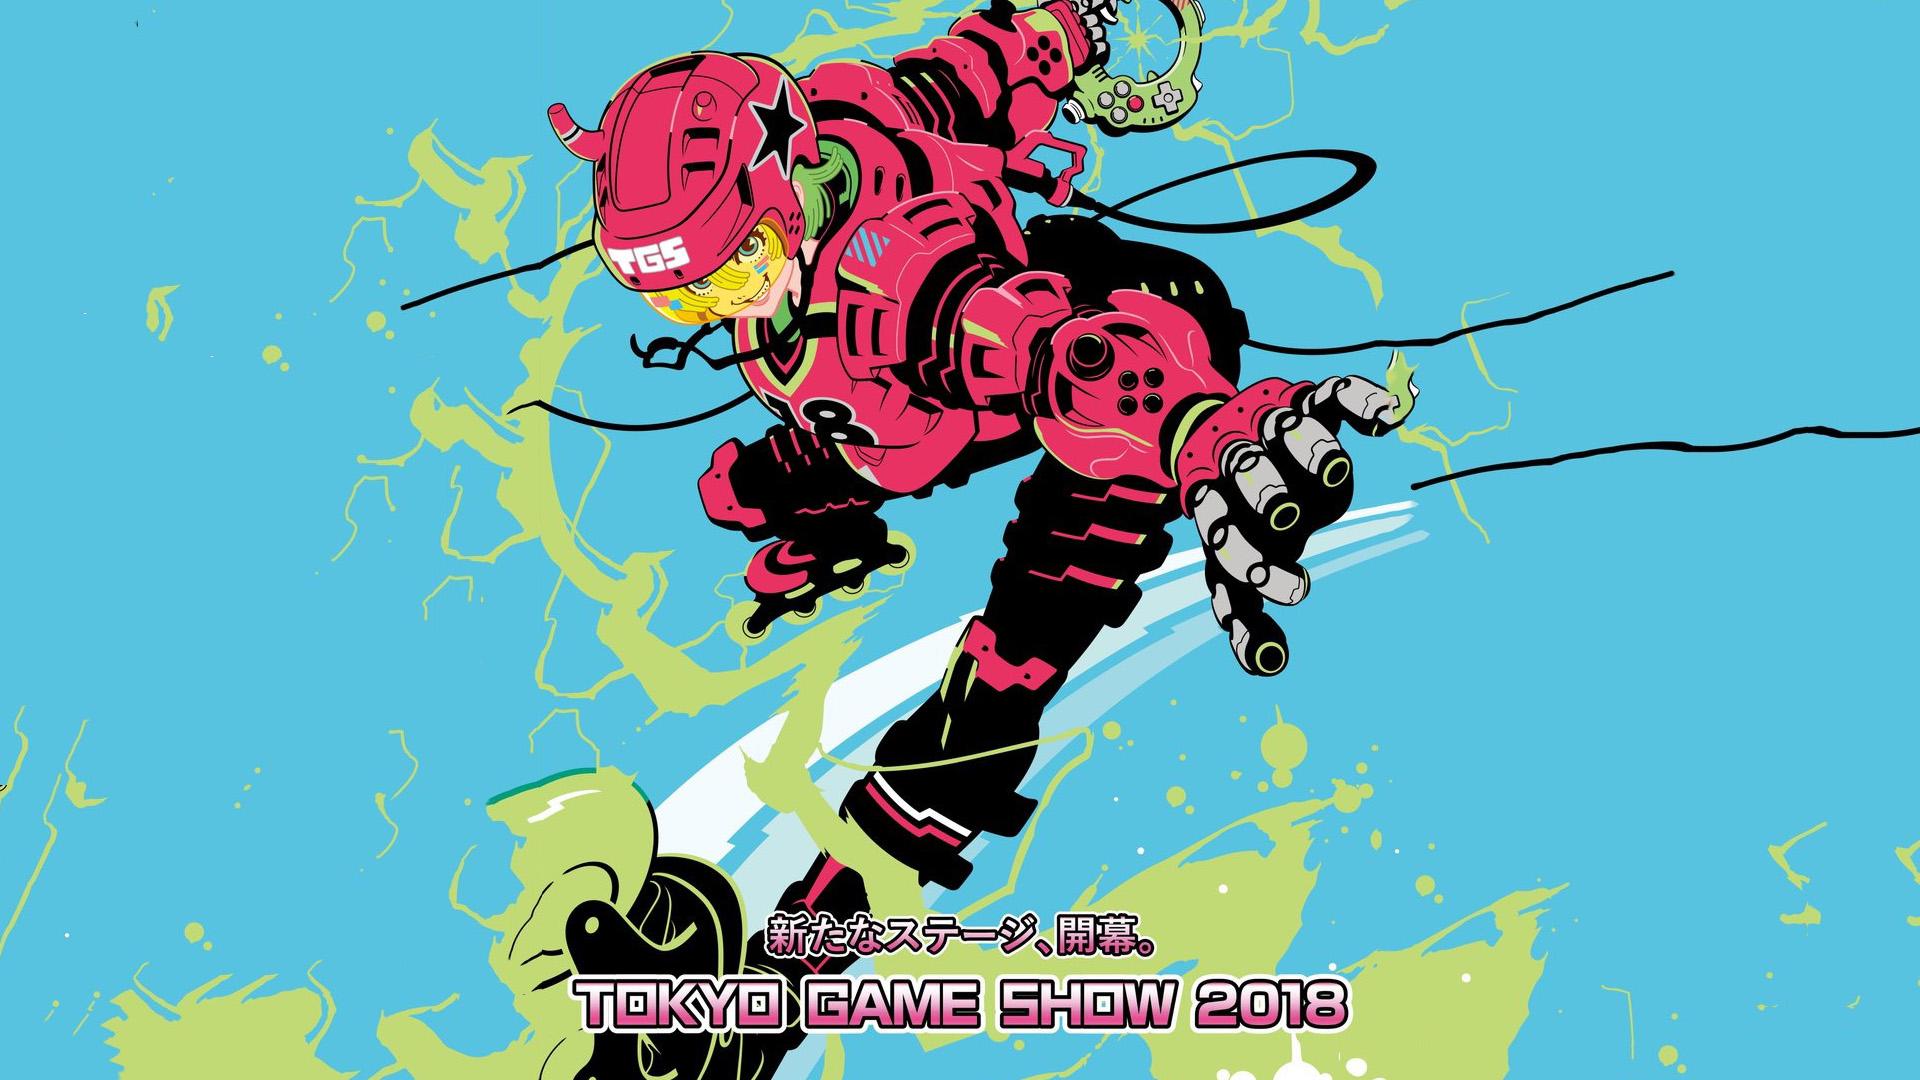 Началась выставка Tokyo Game Show 2018. Расписание и другие детали